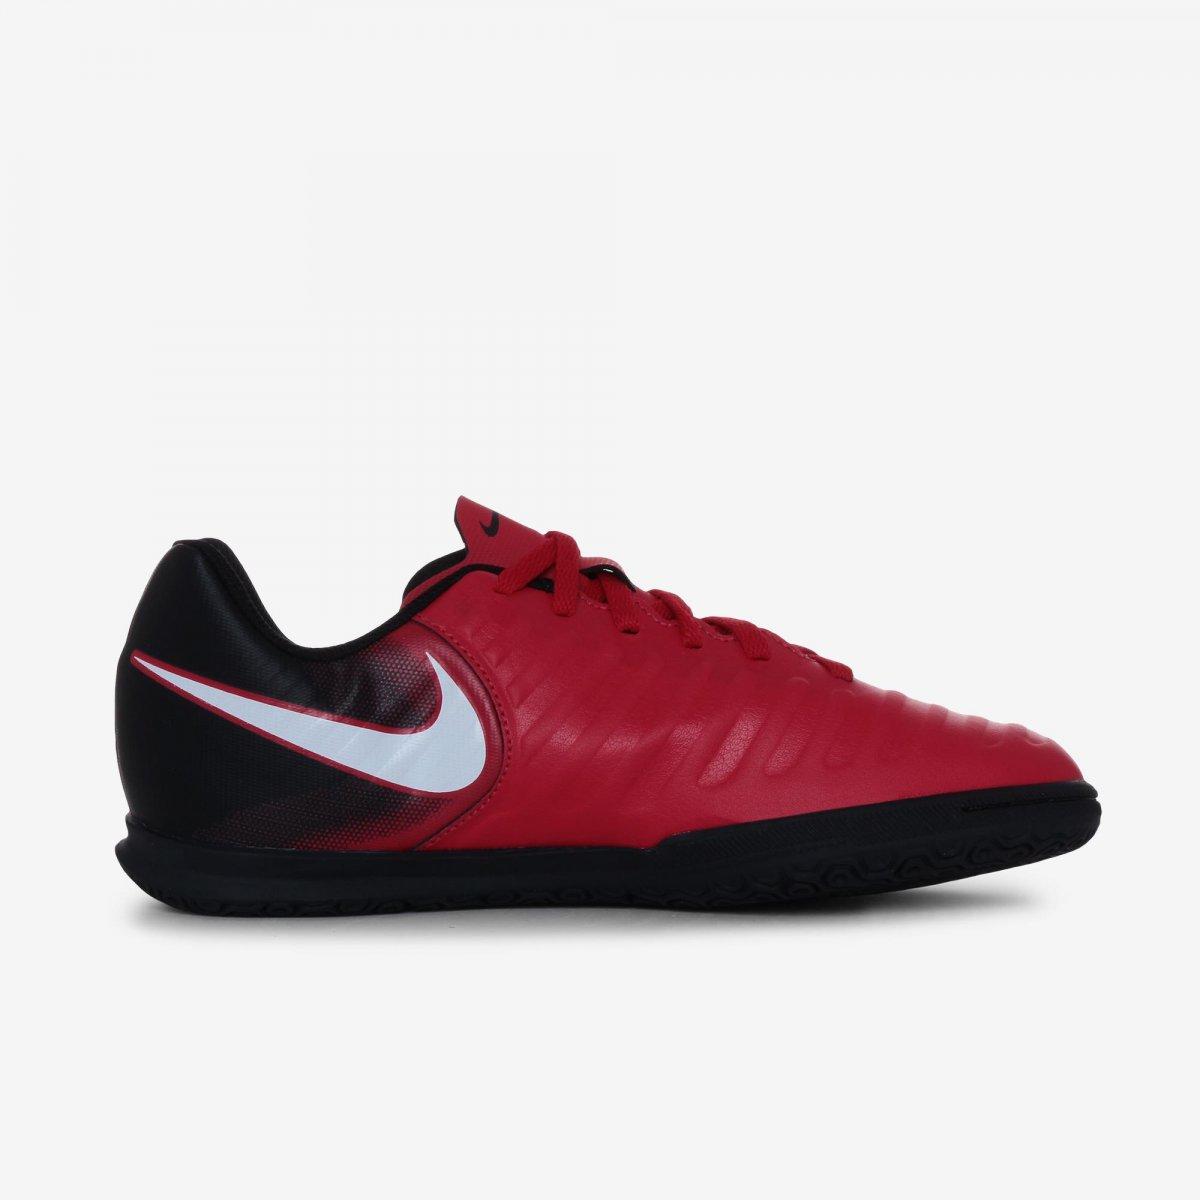 d0f680b24 Bizz Store - Chuteira Infantil Futsal Nike TiempoX Rio IV IC JR